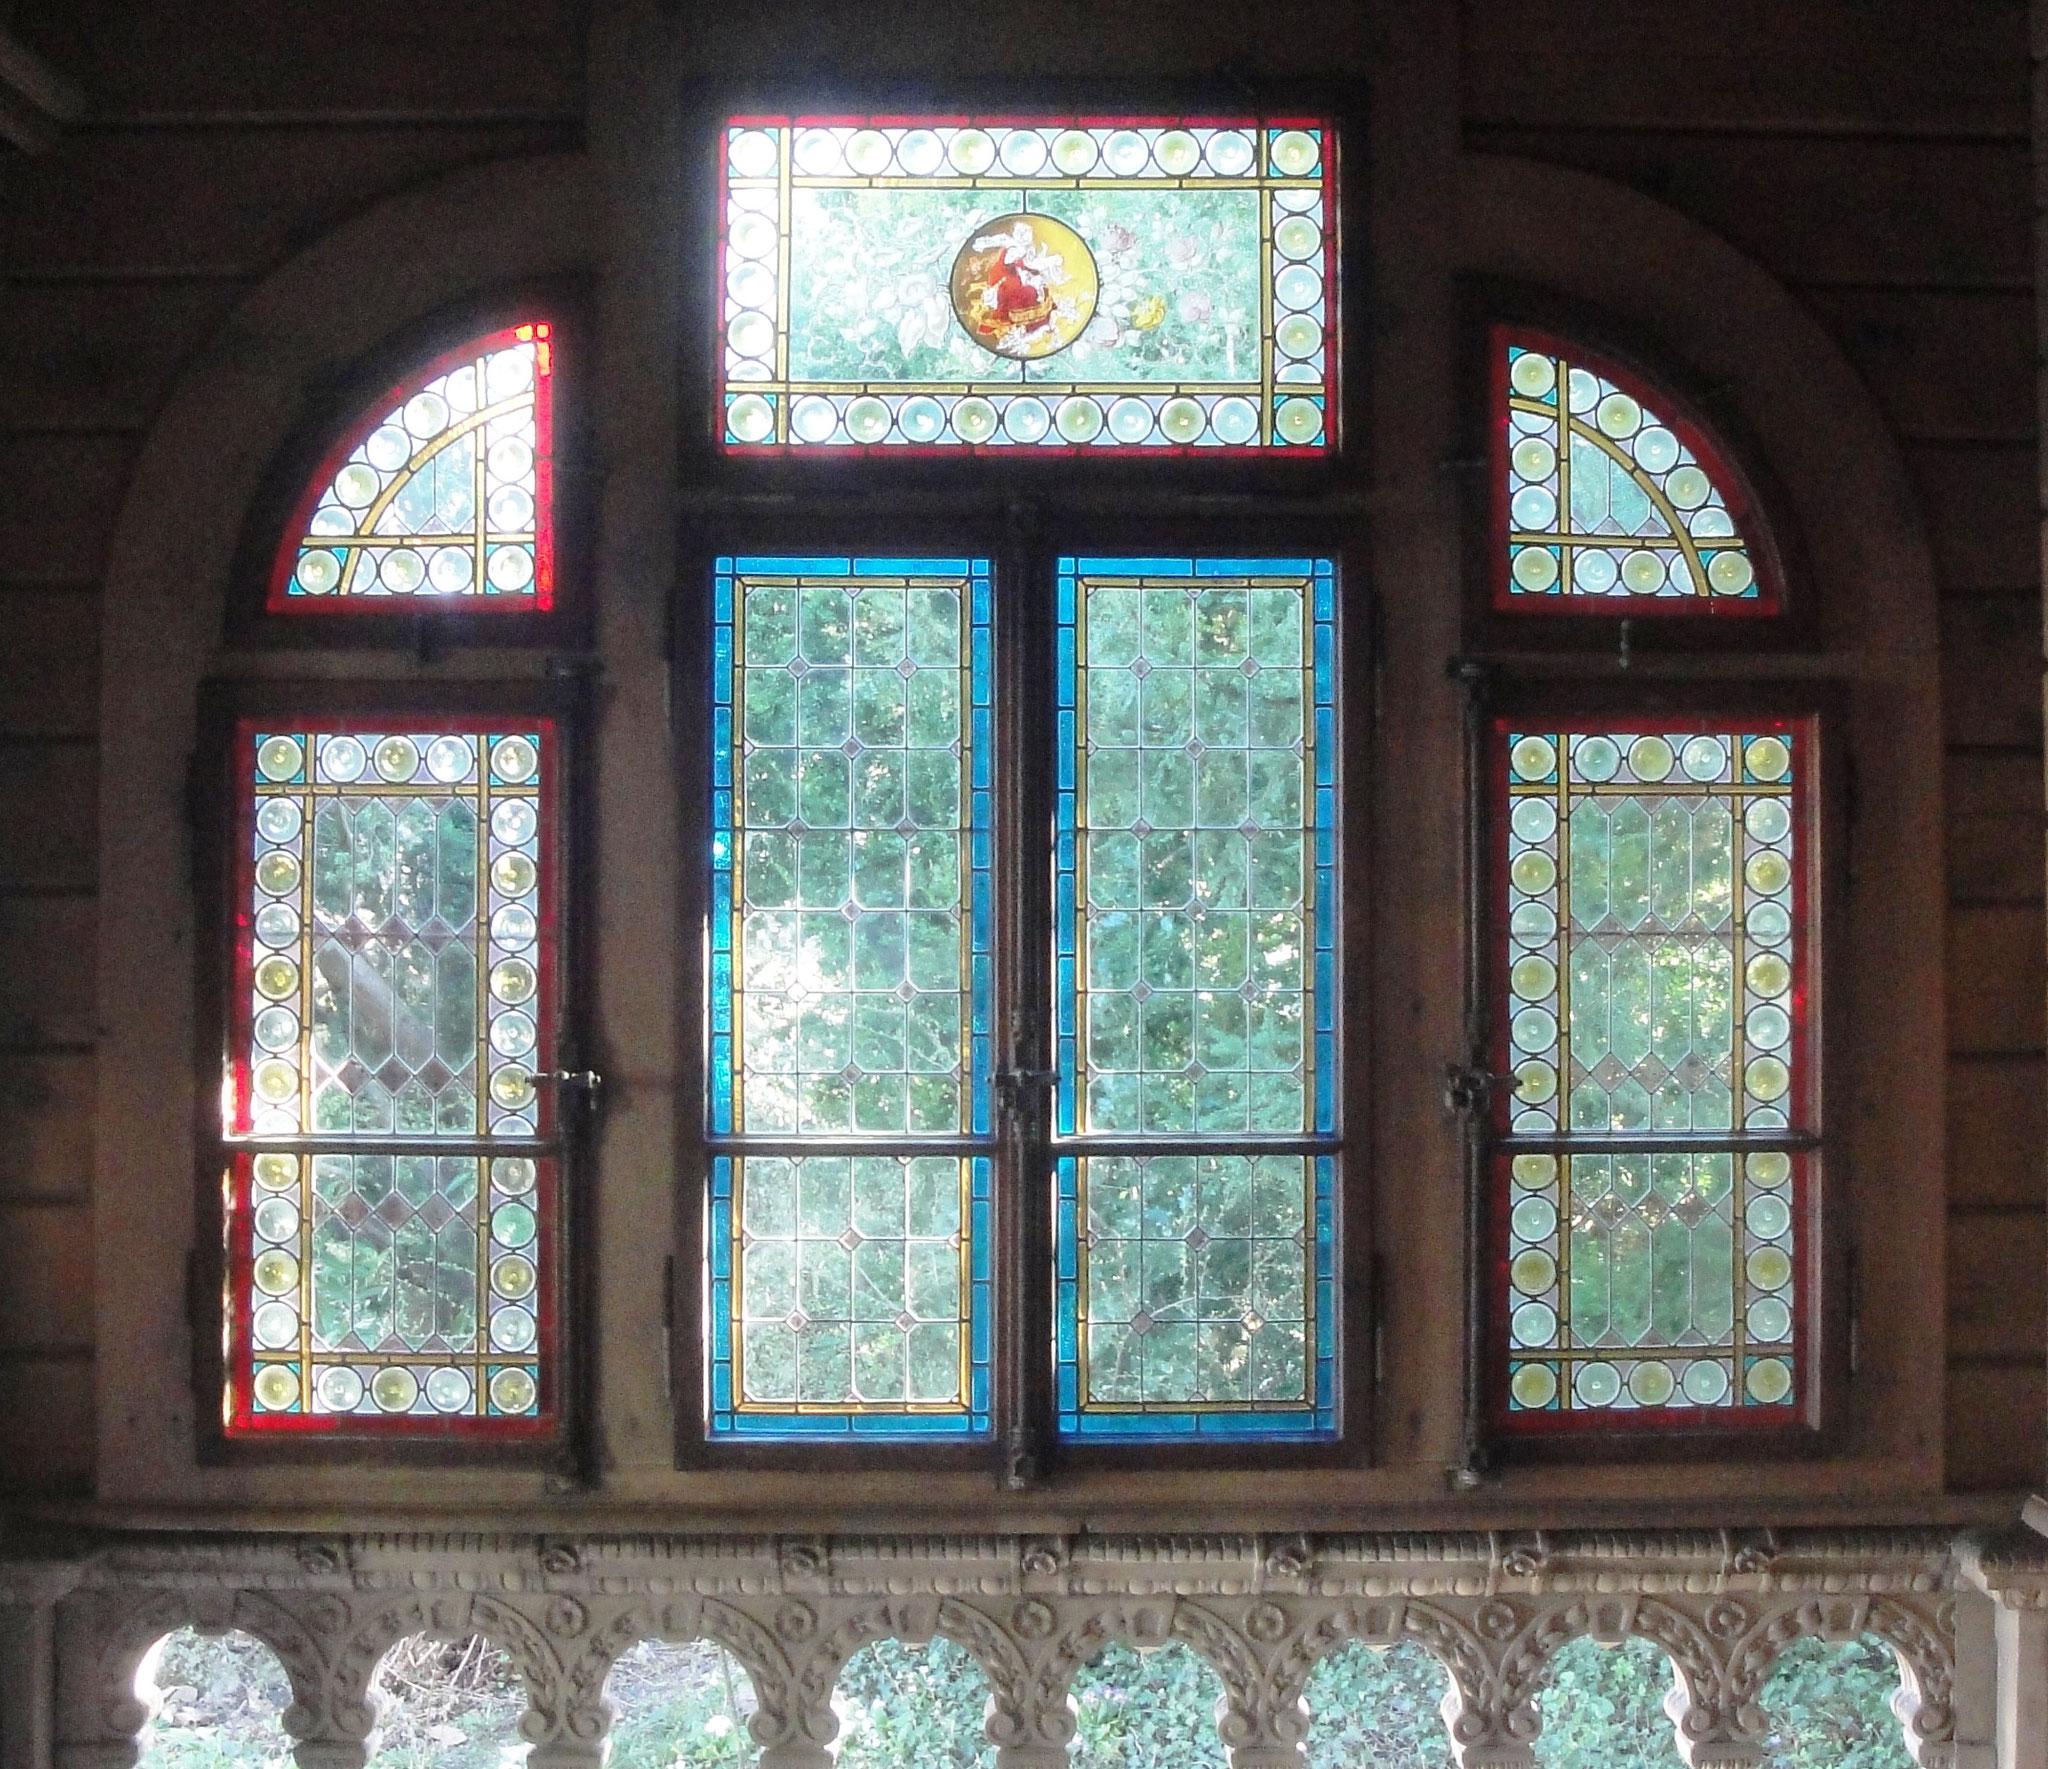 Fensterfront des Chalets von innen